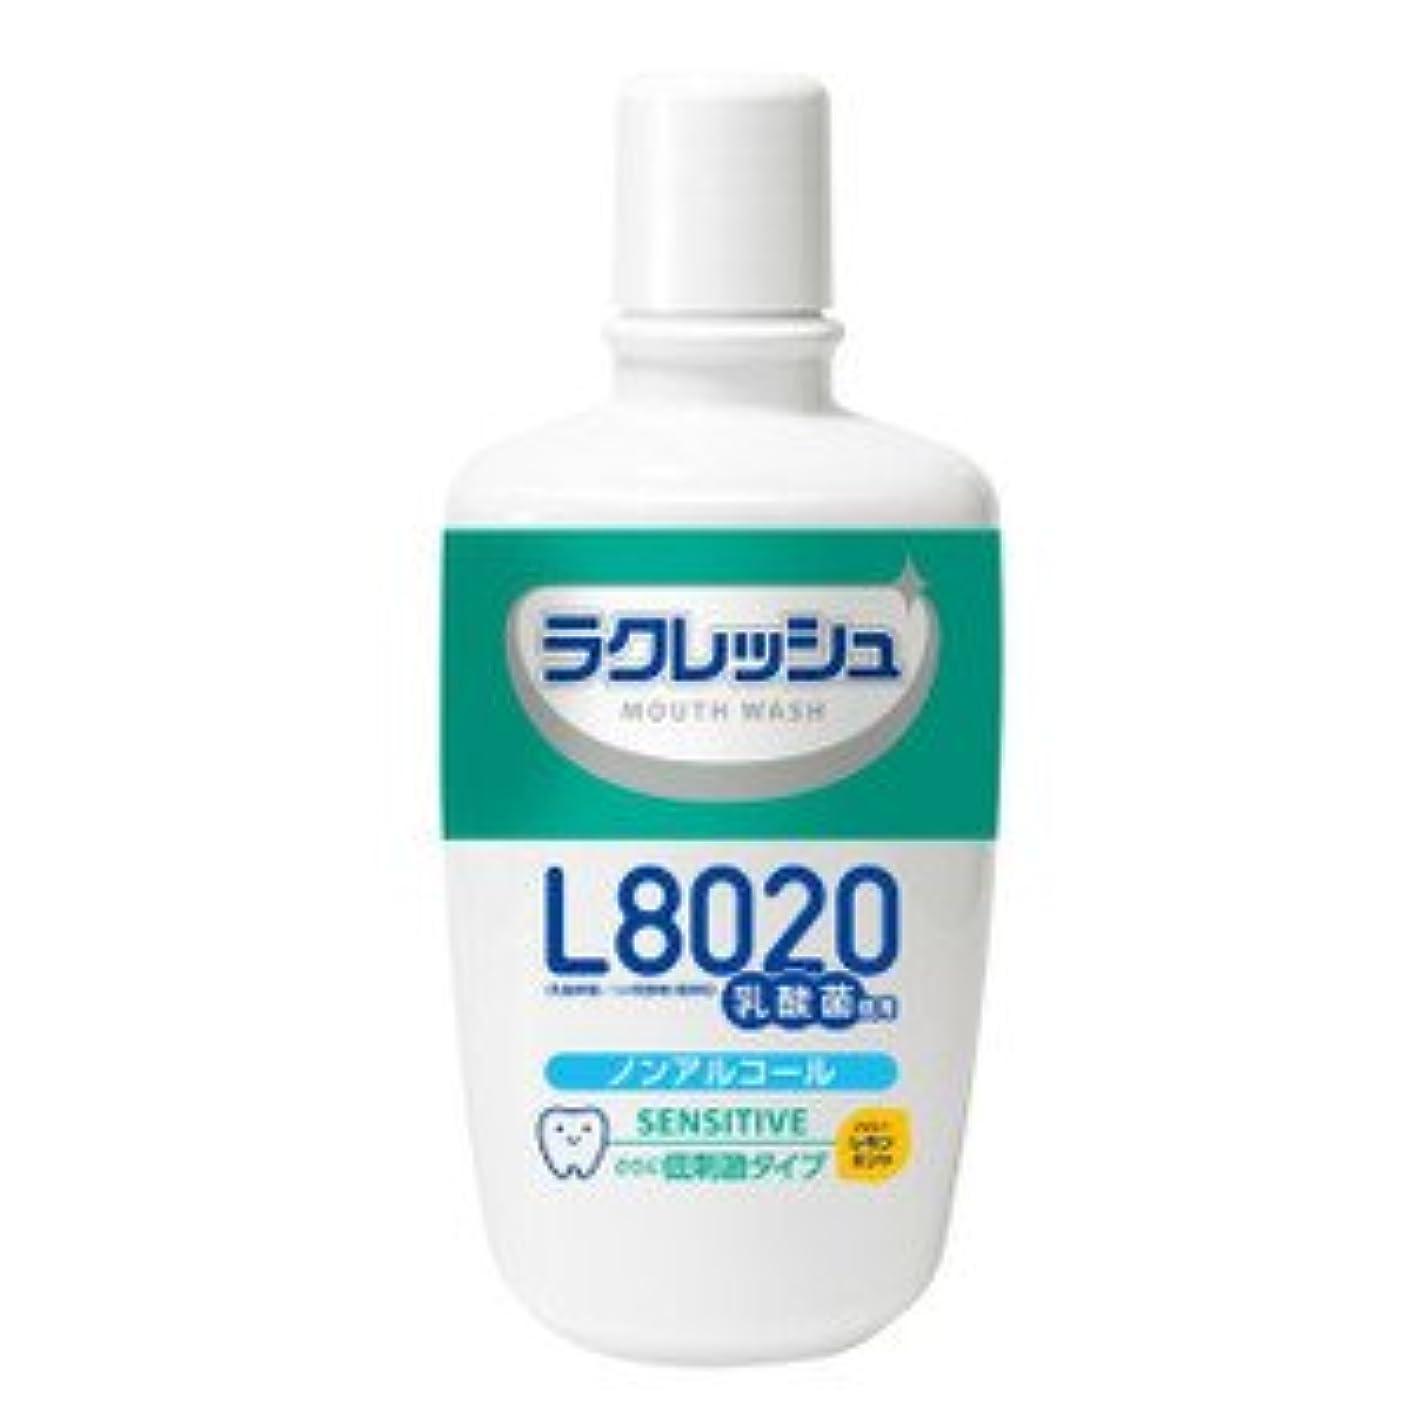 に負ける資本主義彼らのものジェクス ラクレッシュ L8020乳酸菌 マウスウォッシュ 洗口液センシティブタイプ 300ml×10個セット